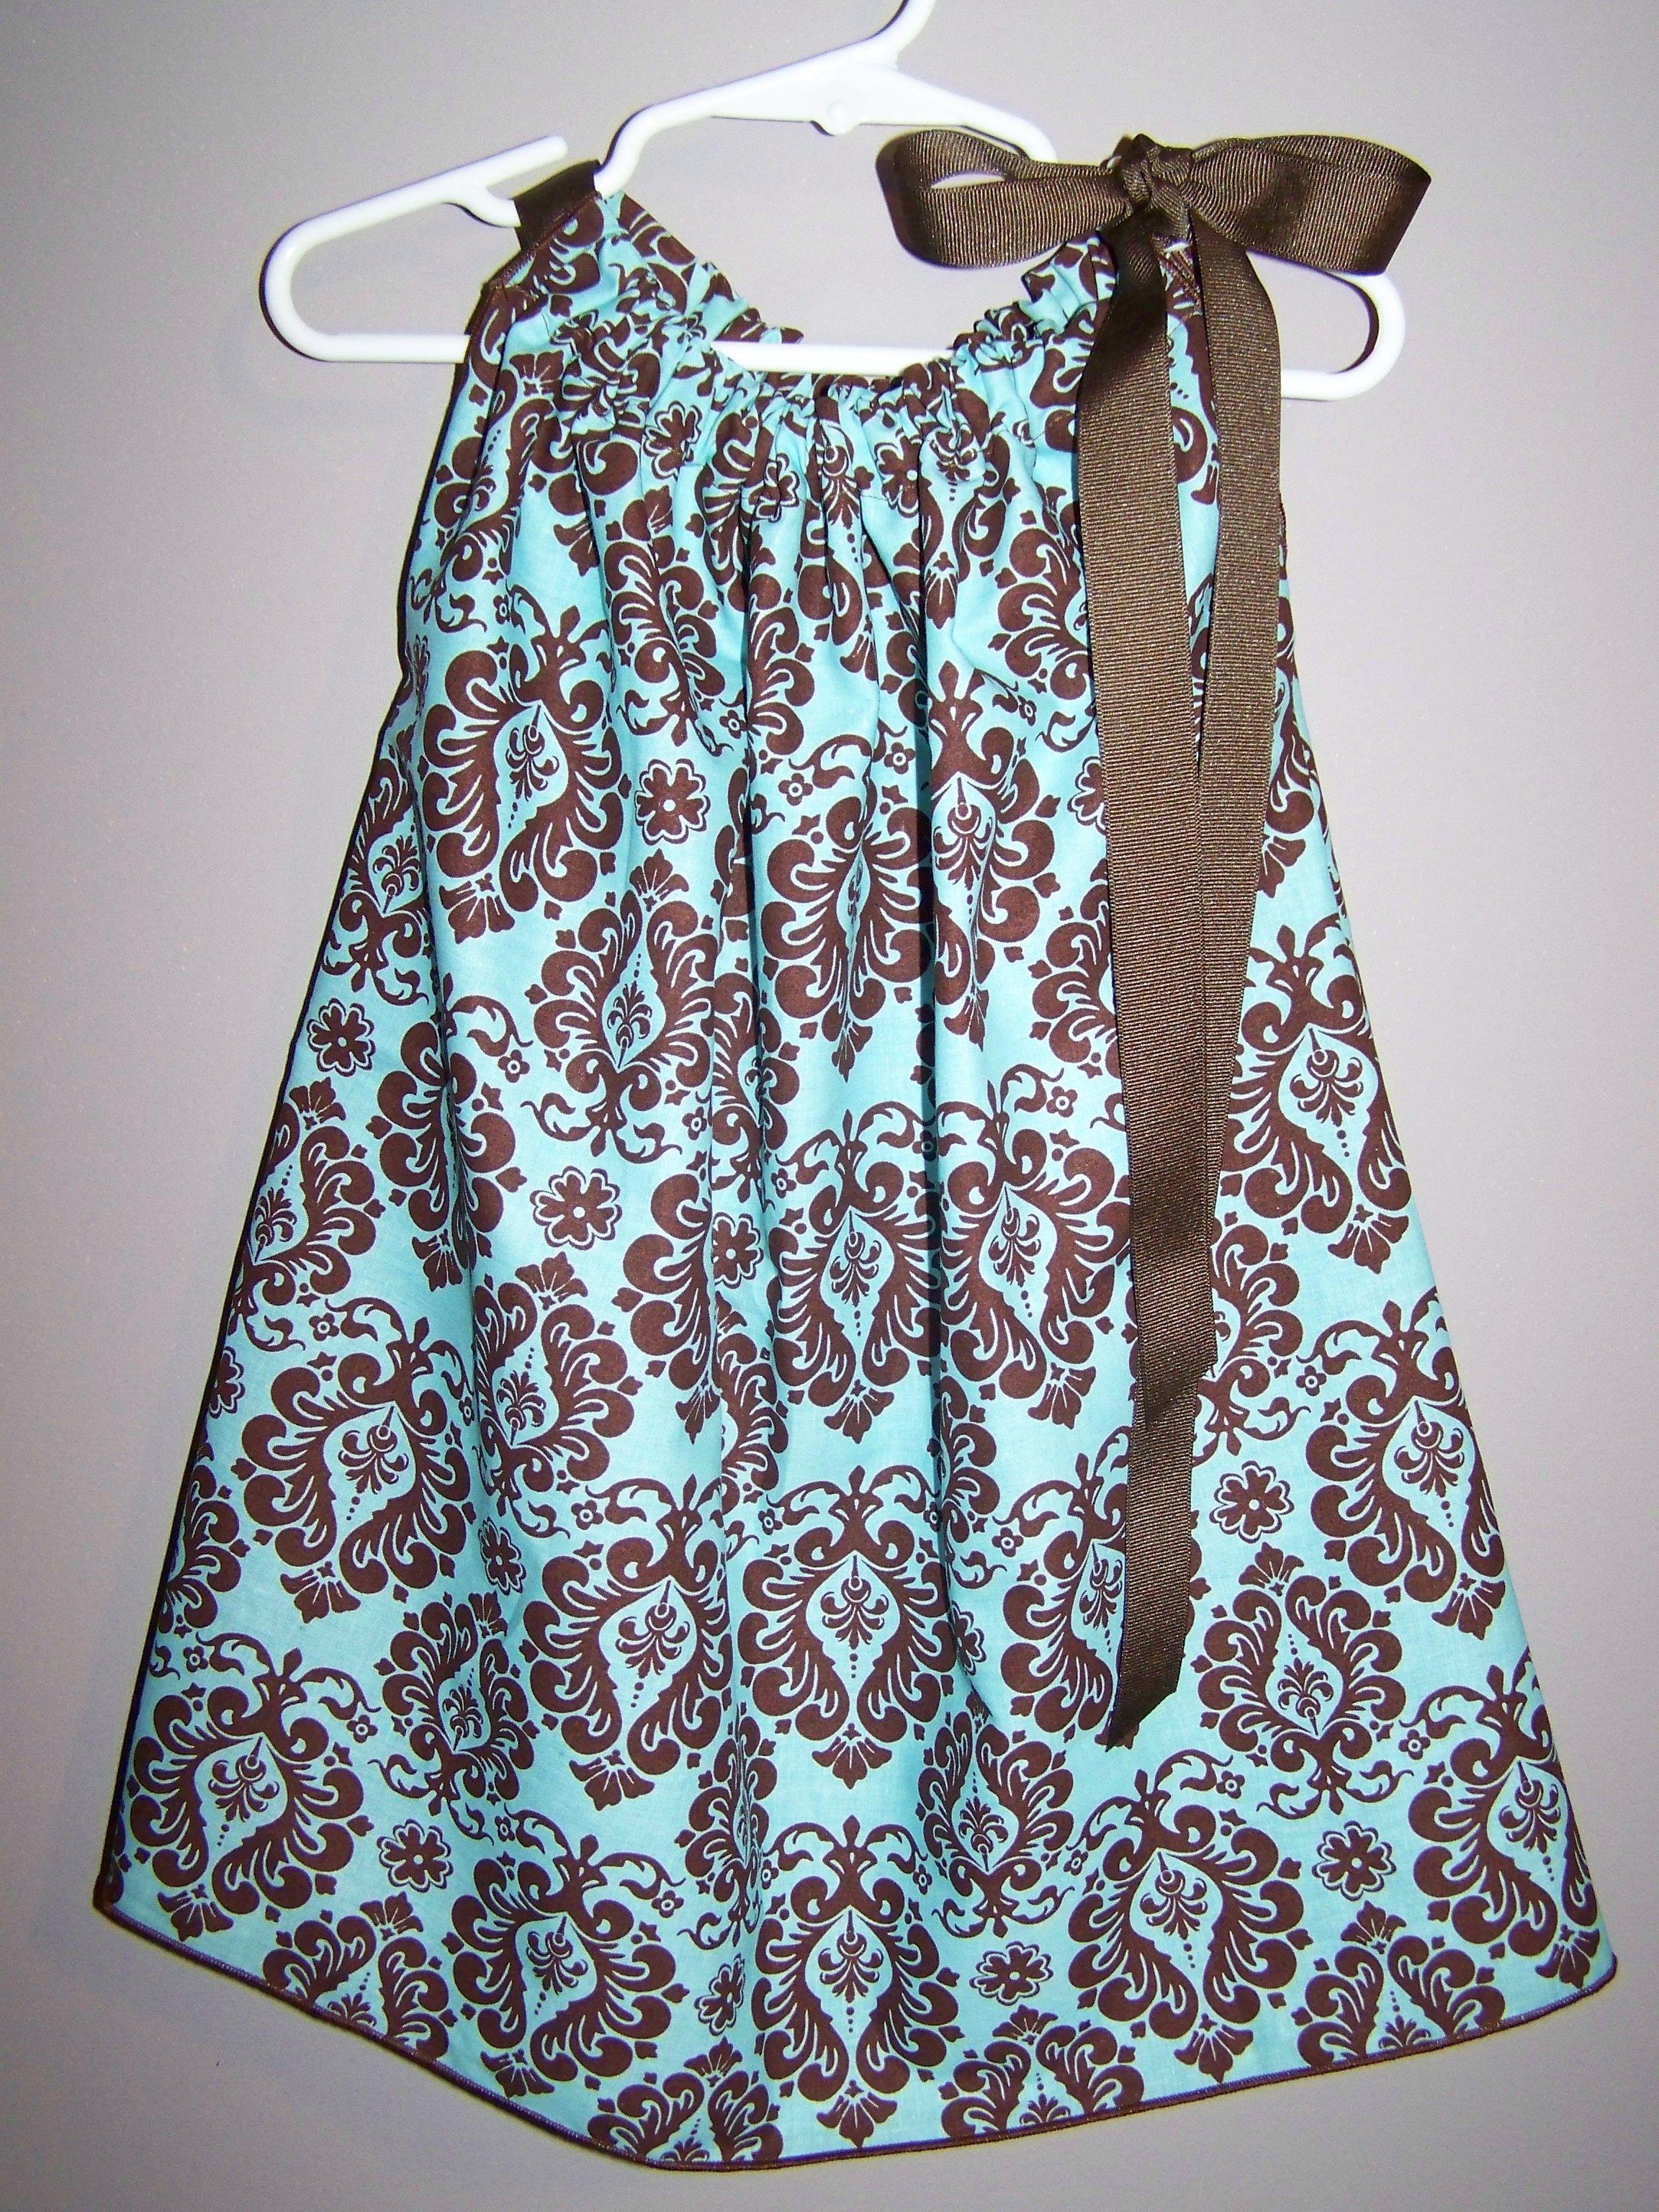 Brown/Blue Damask Bandana Pillowcase Style Dress/Shirt